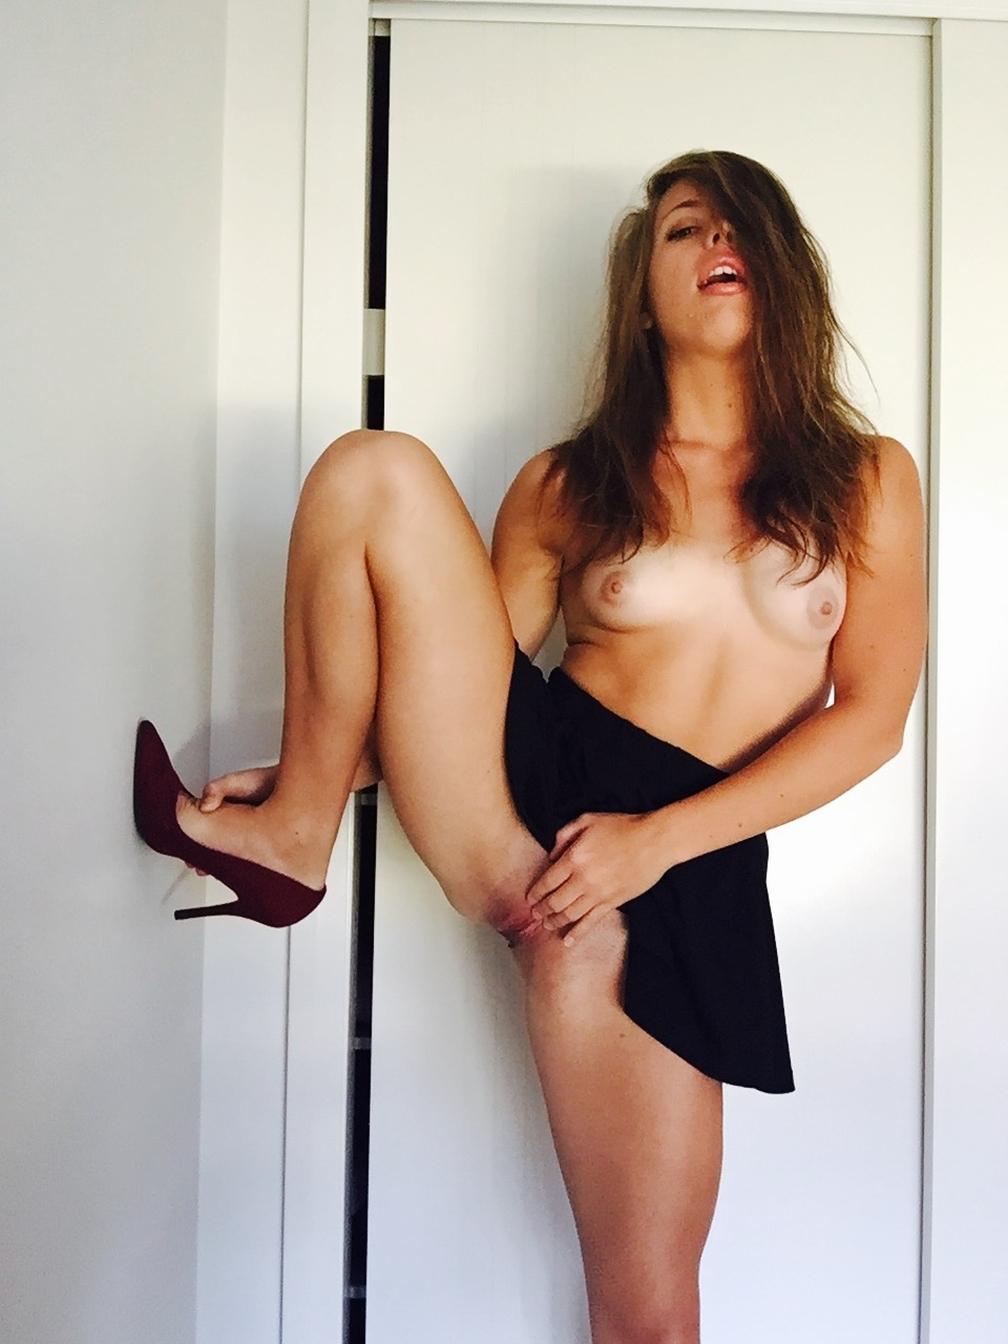 жена натуральная фото